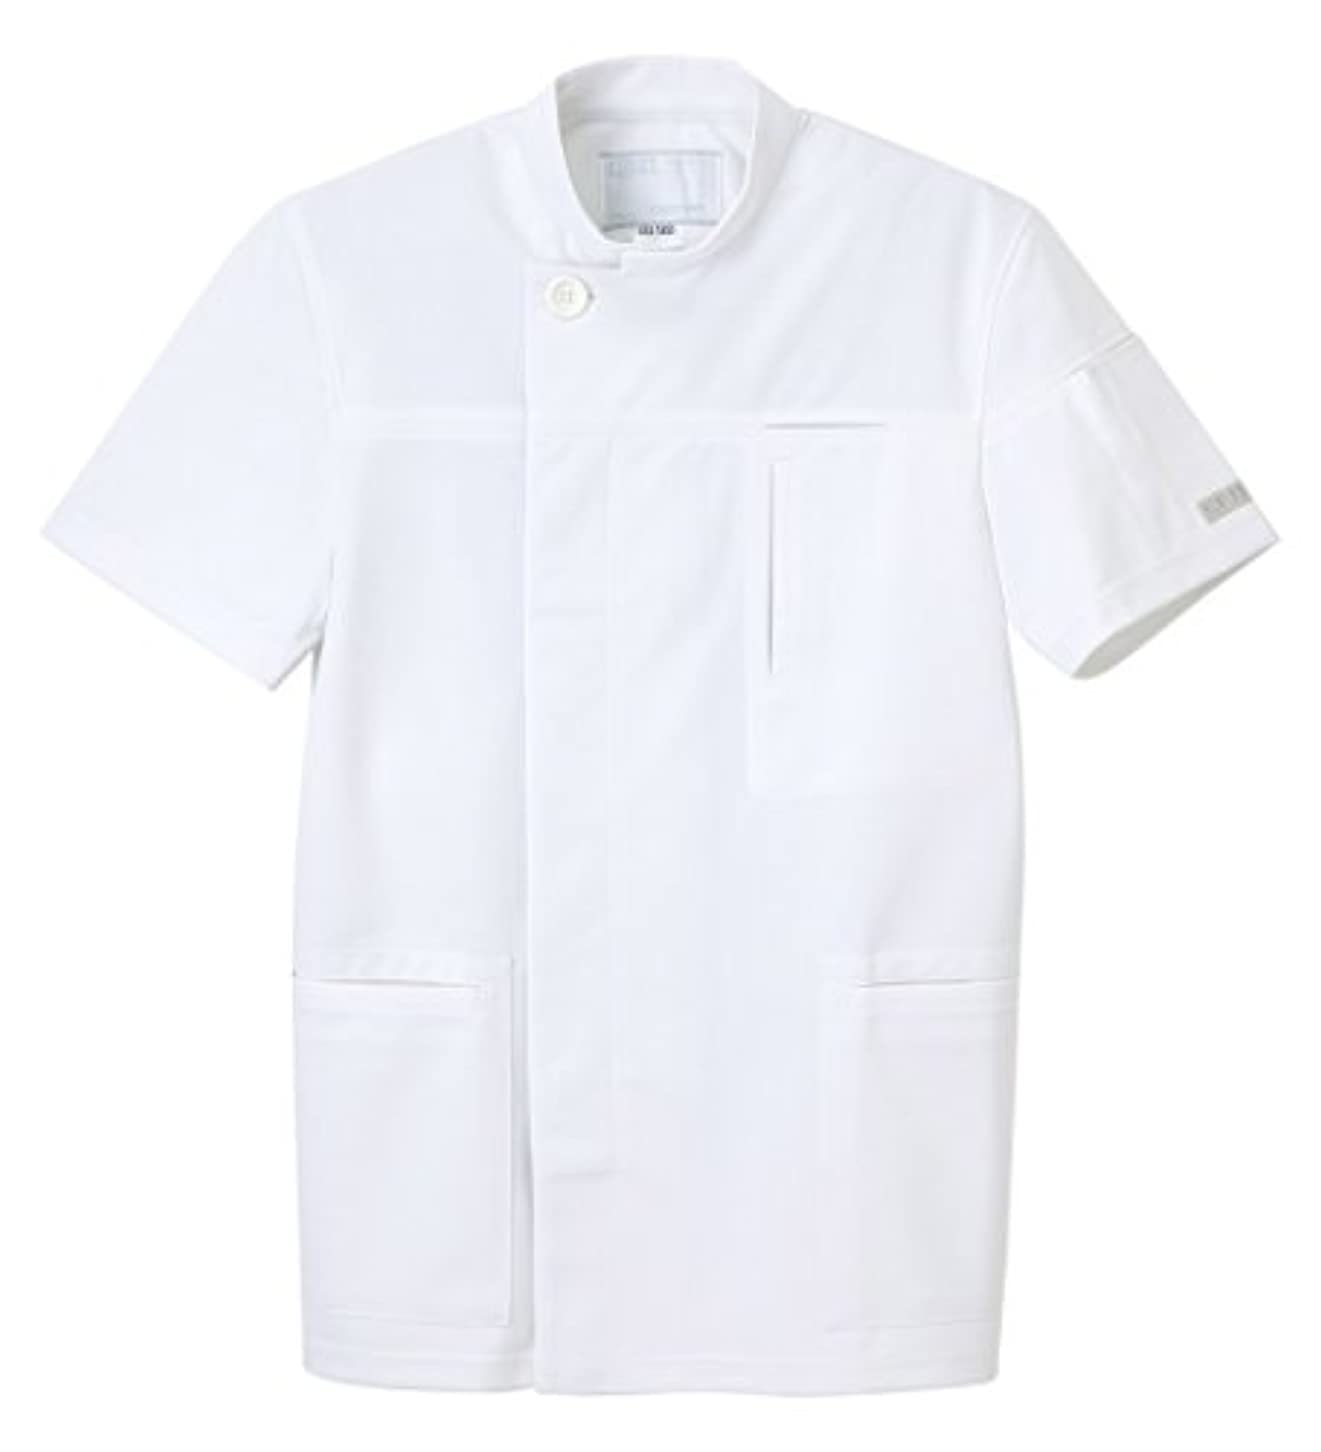 どっちでも流す相関するナガイレーベン NAGAILEBEN アツロウタヤマメンズジャケット ATA-1855(L)ホワイト